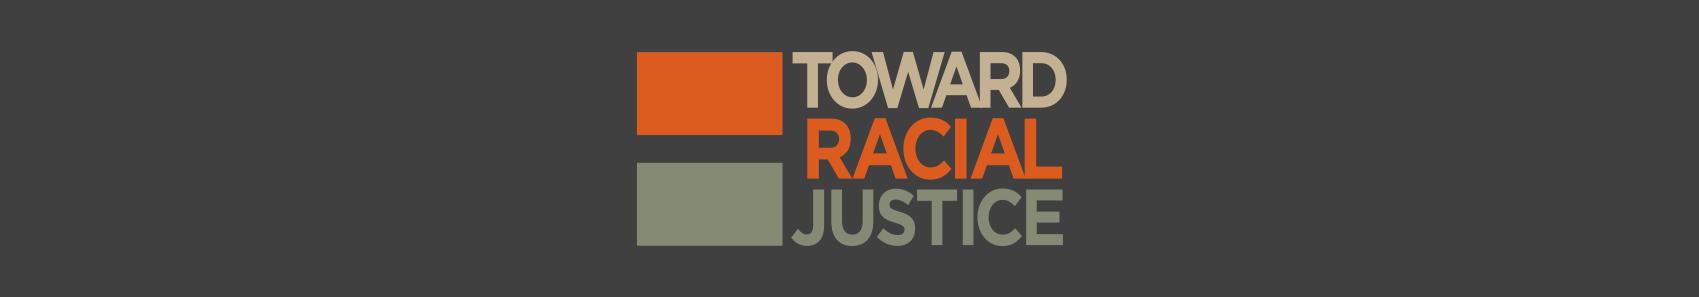 Toward Racial Justice